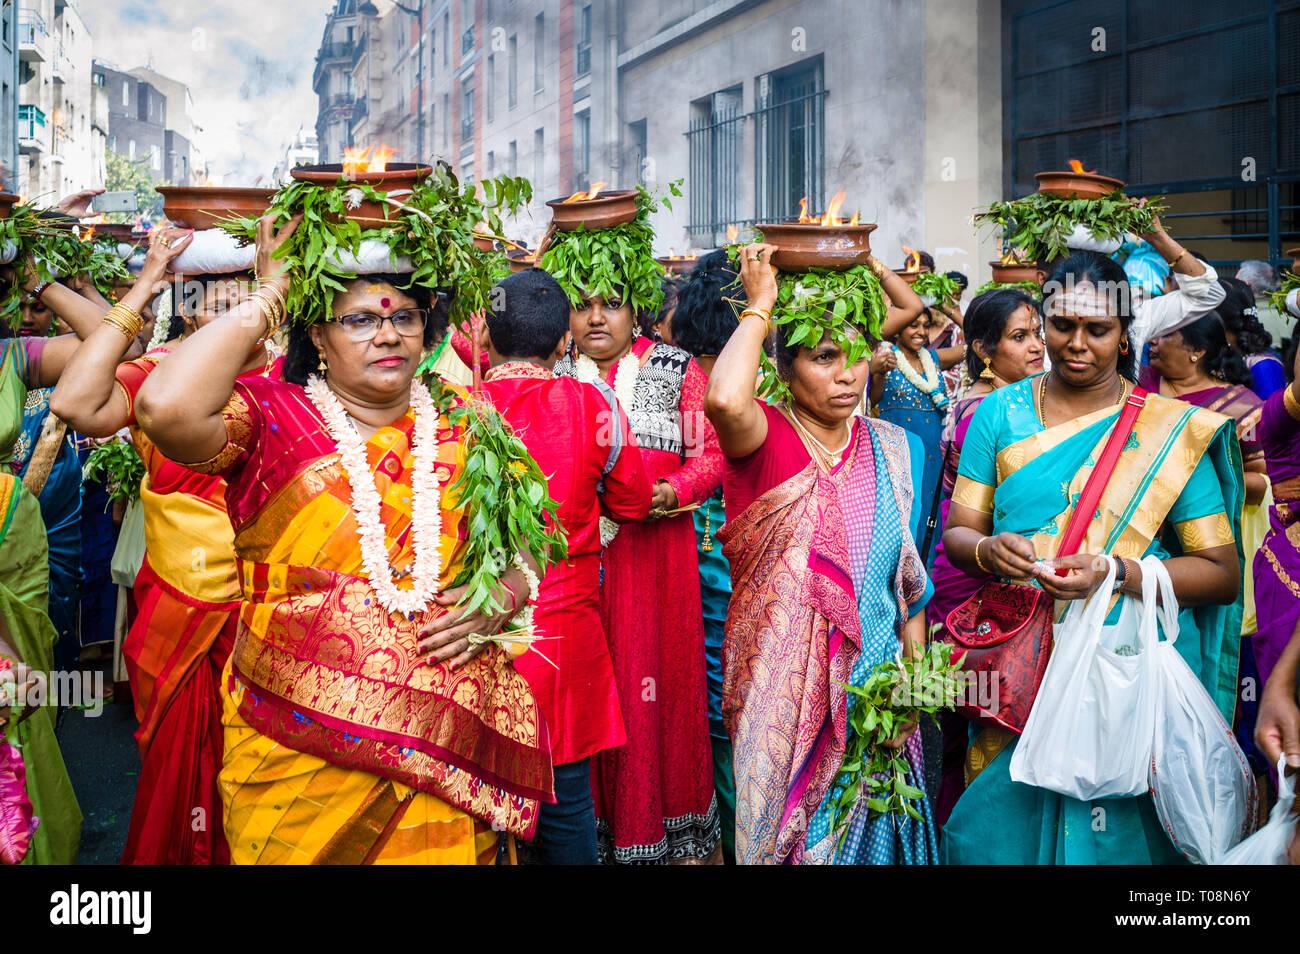 Auf Ganesh Chaturthi Festival in Paris, Tänzerinnen tragen bunte Saris, tragen auf ihren Köpfen Terracotta Töpfen mit brennendem Kampfer. Stockfoto